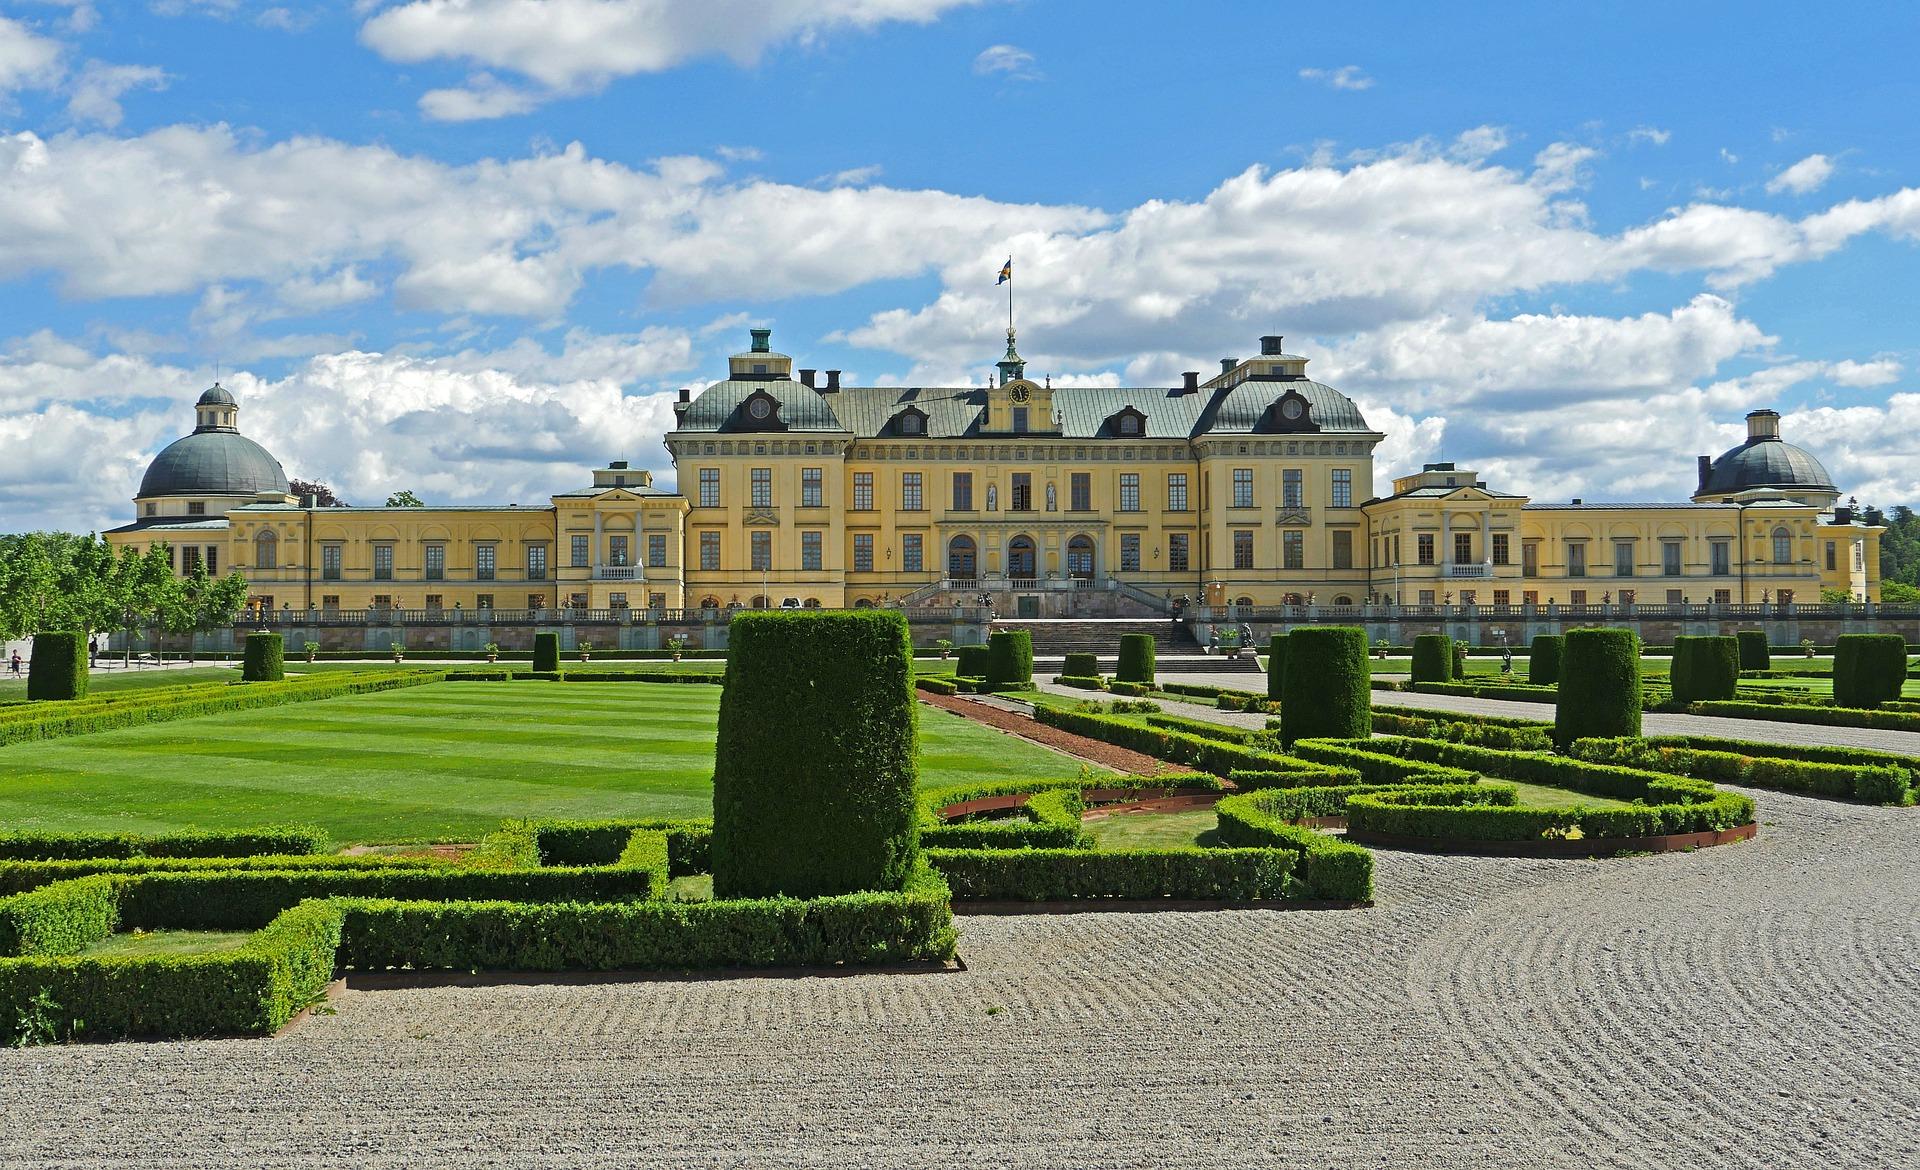 drottningholm-palace-2446665_1920